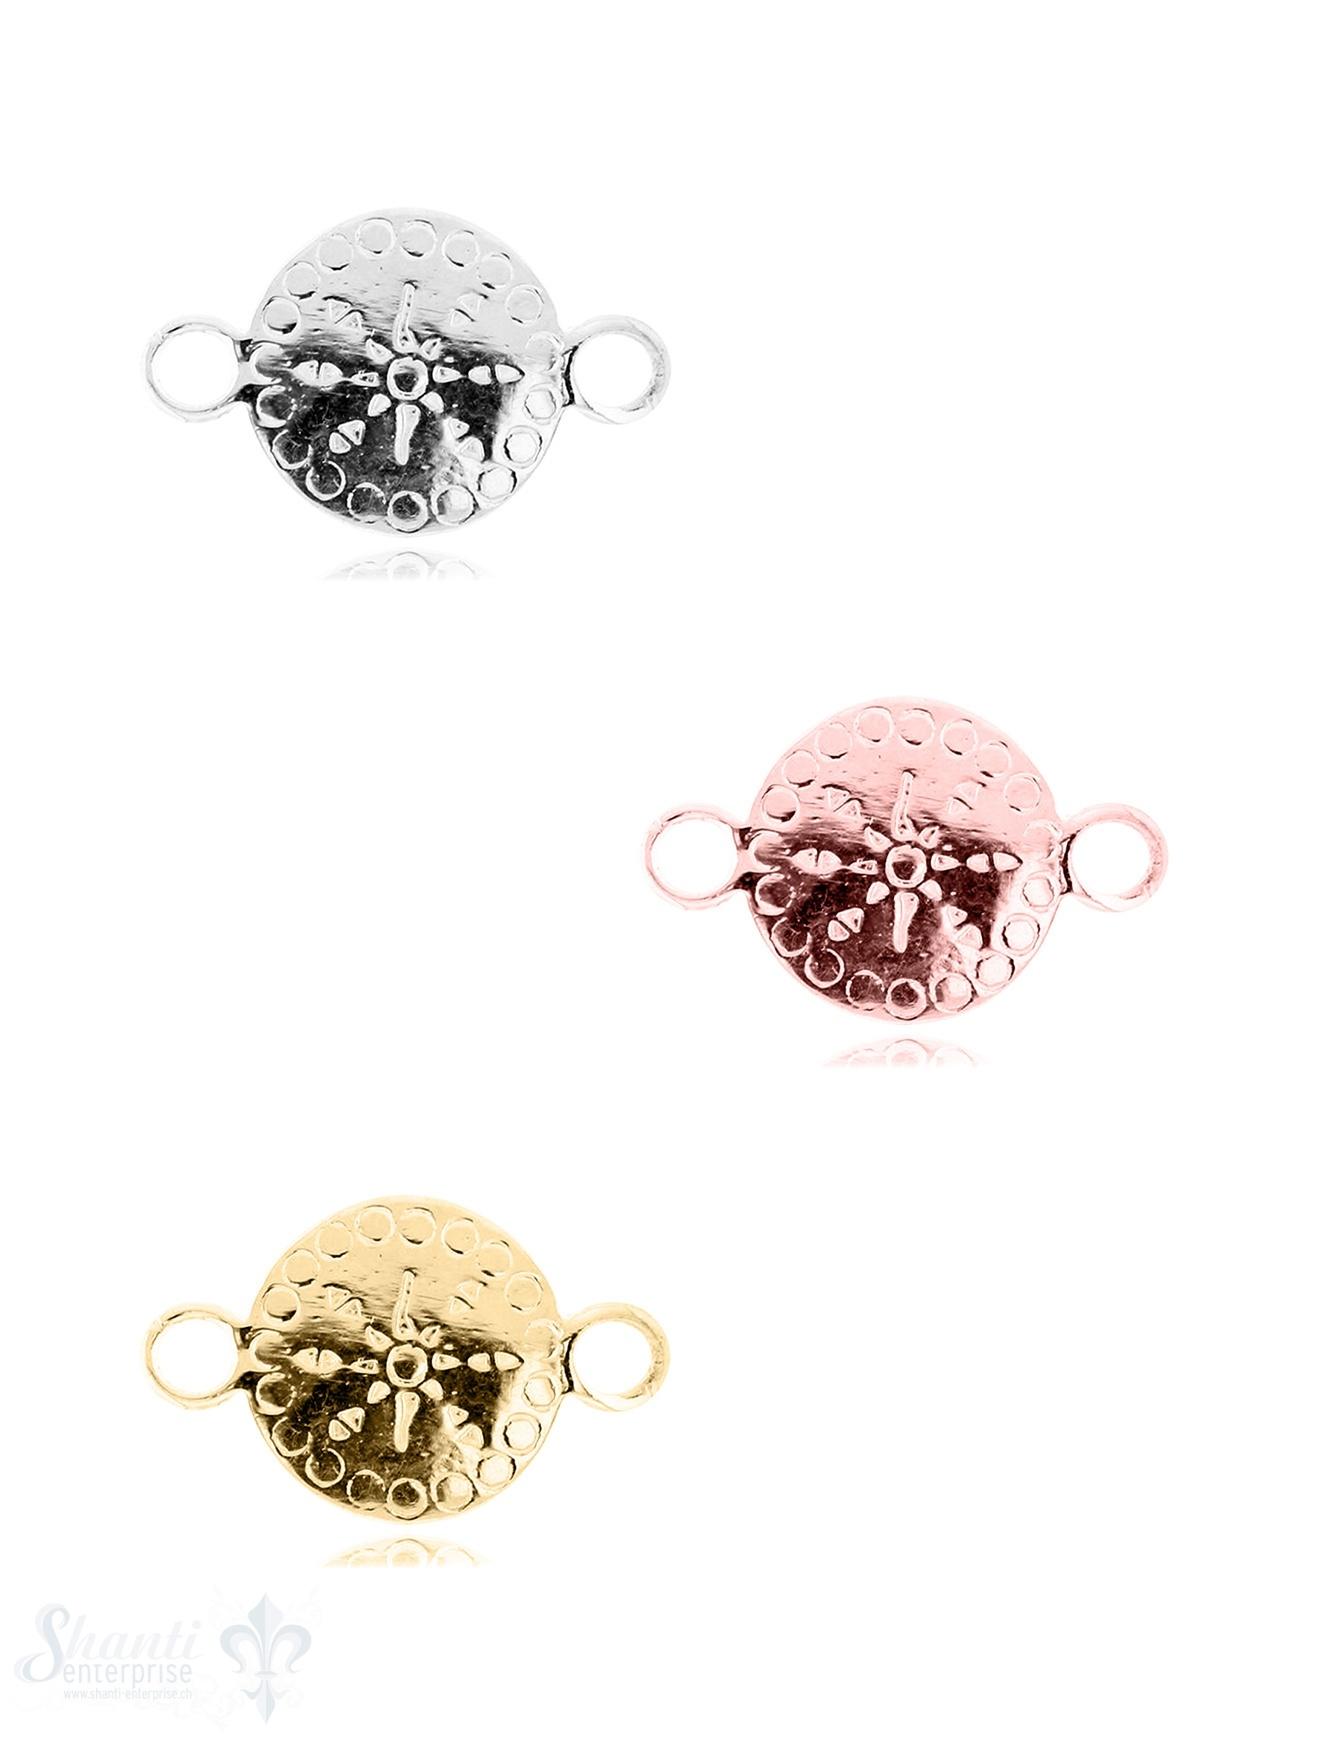 Silberteil mit Doppelösen: Amulett mit Muster 24x15mm Dicke: 1.9 mm poliert